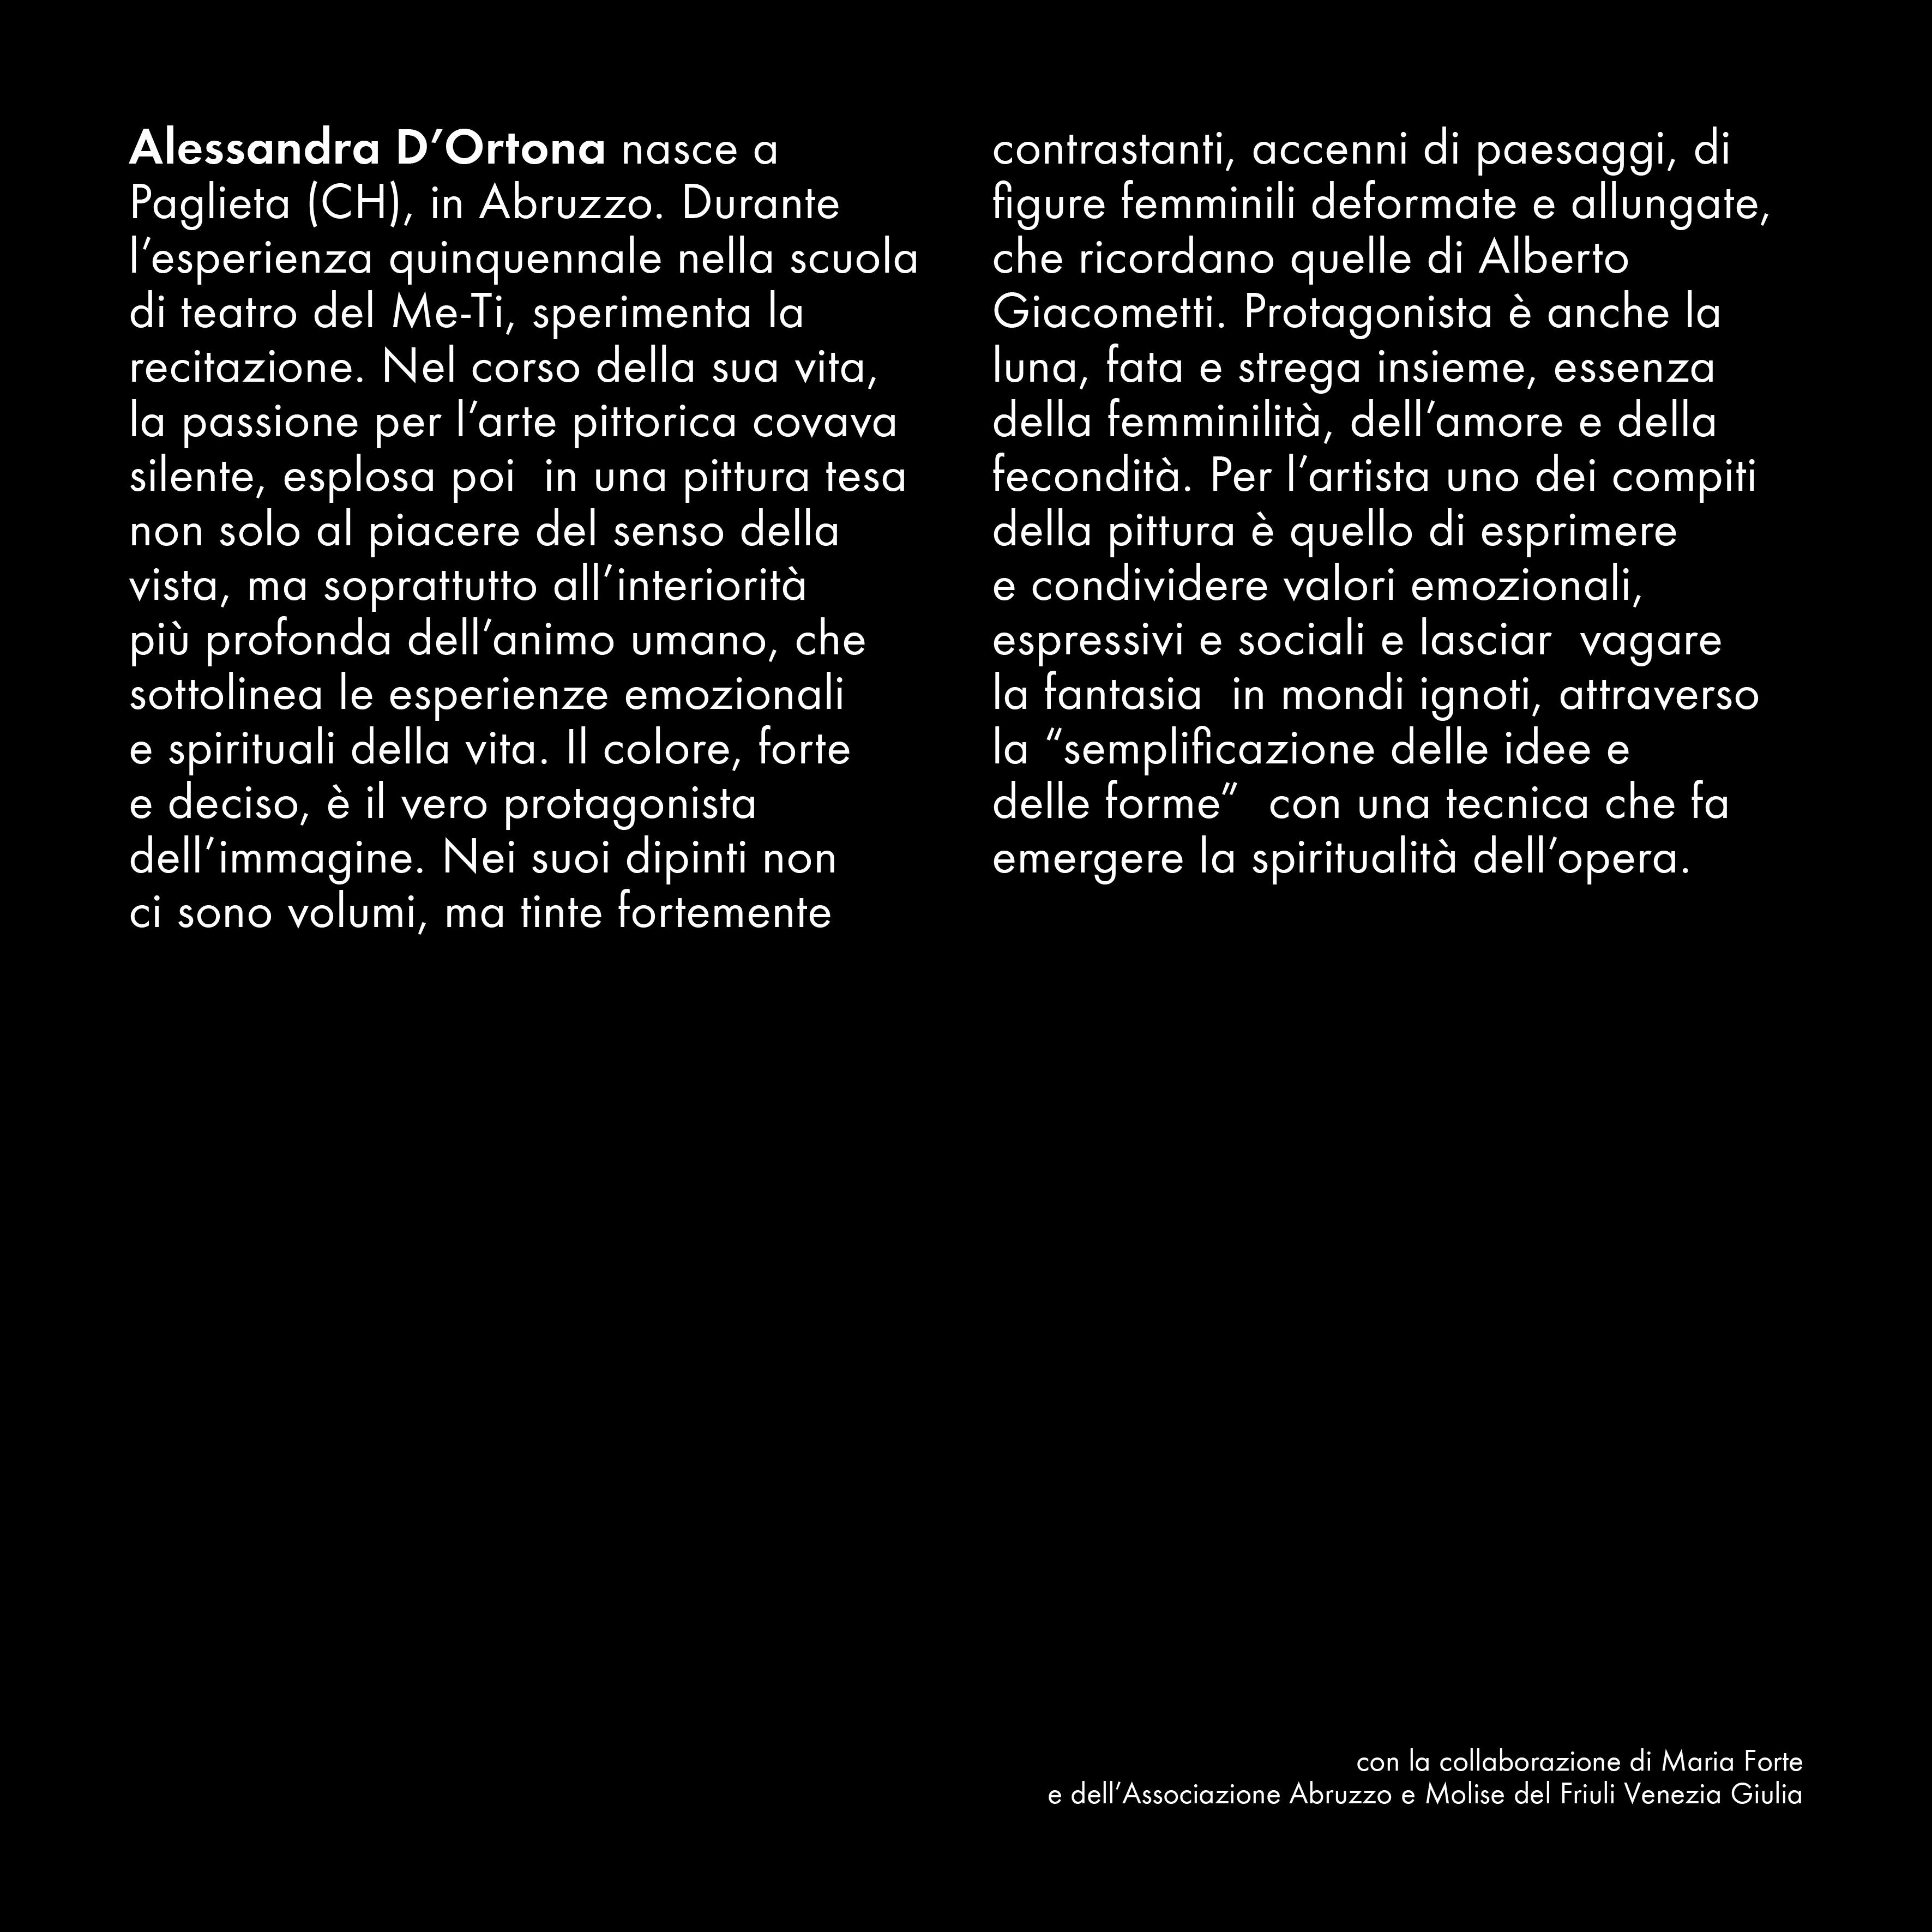 Alessandra D'Ortona